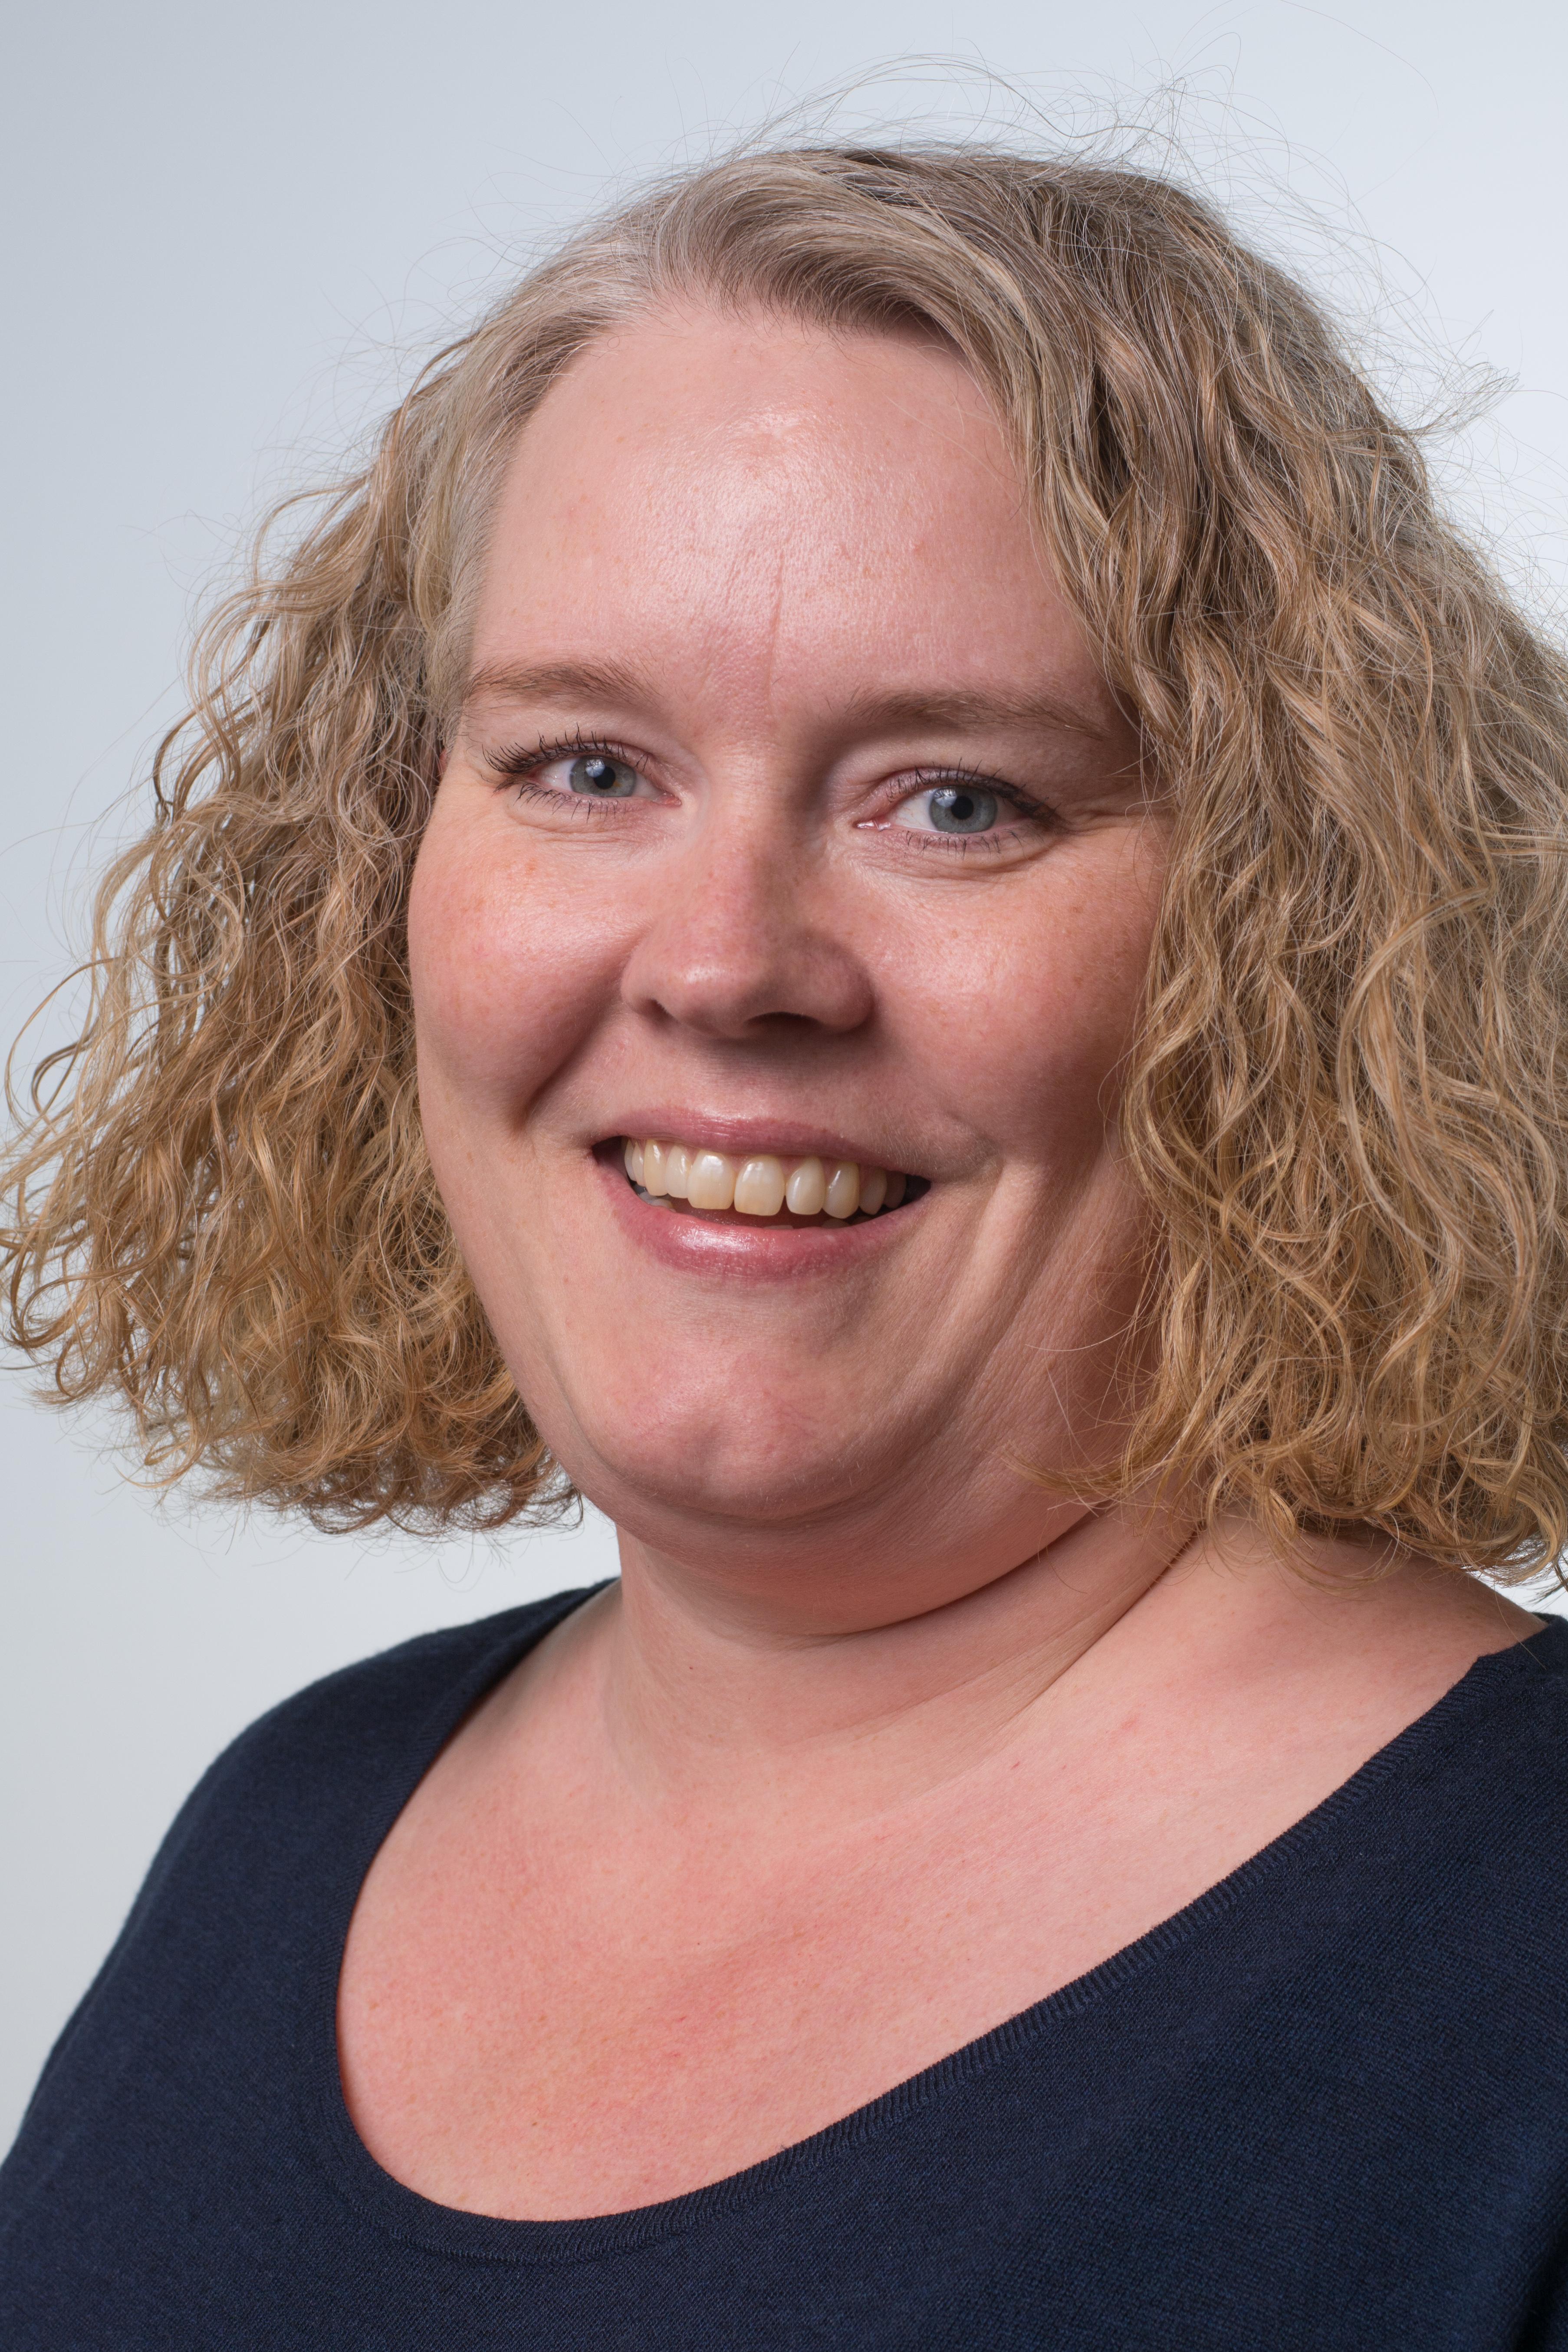 Christina Falk Emborg